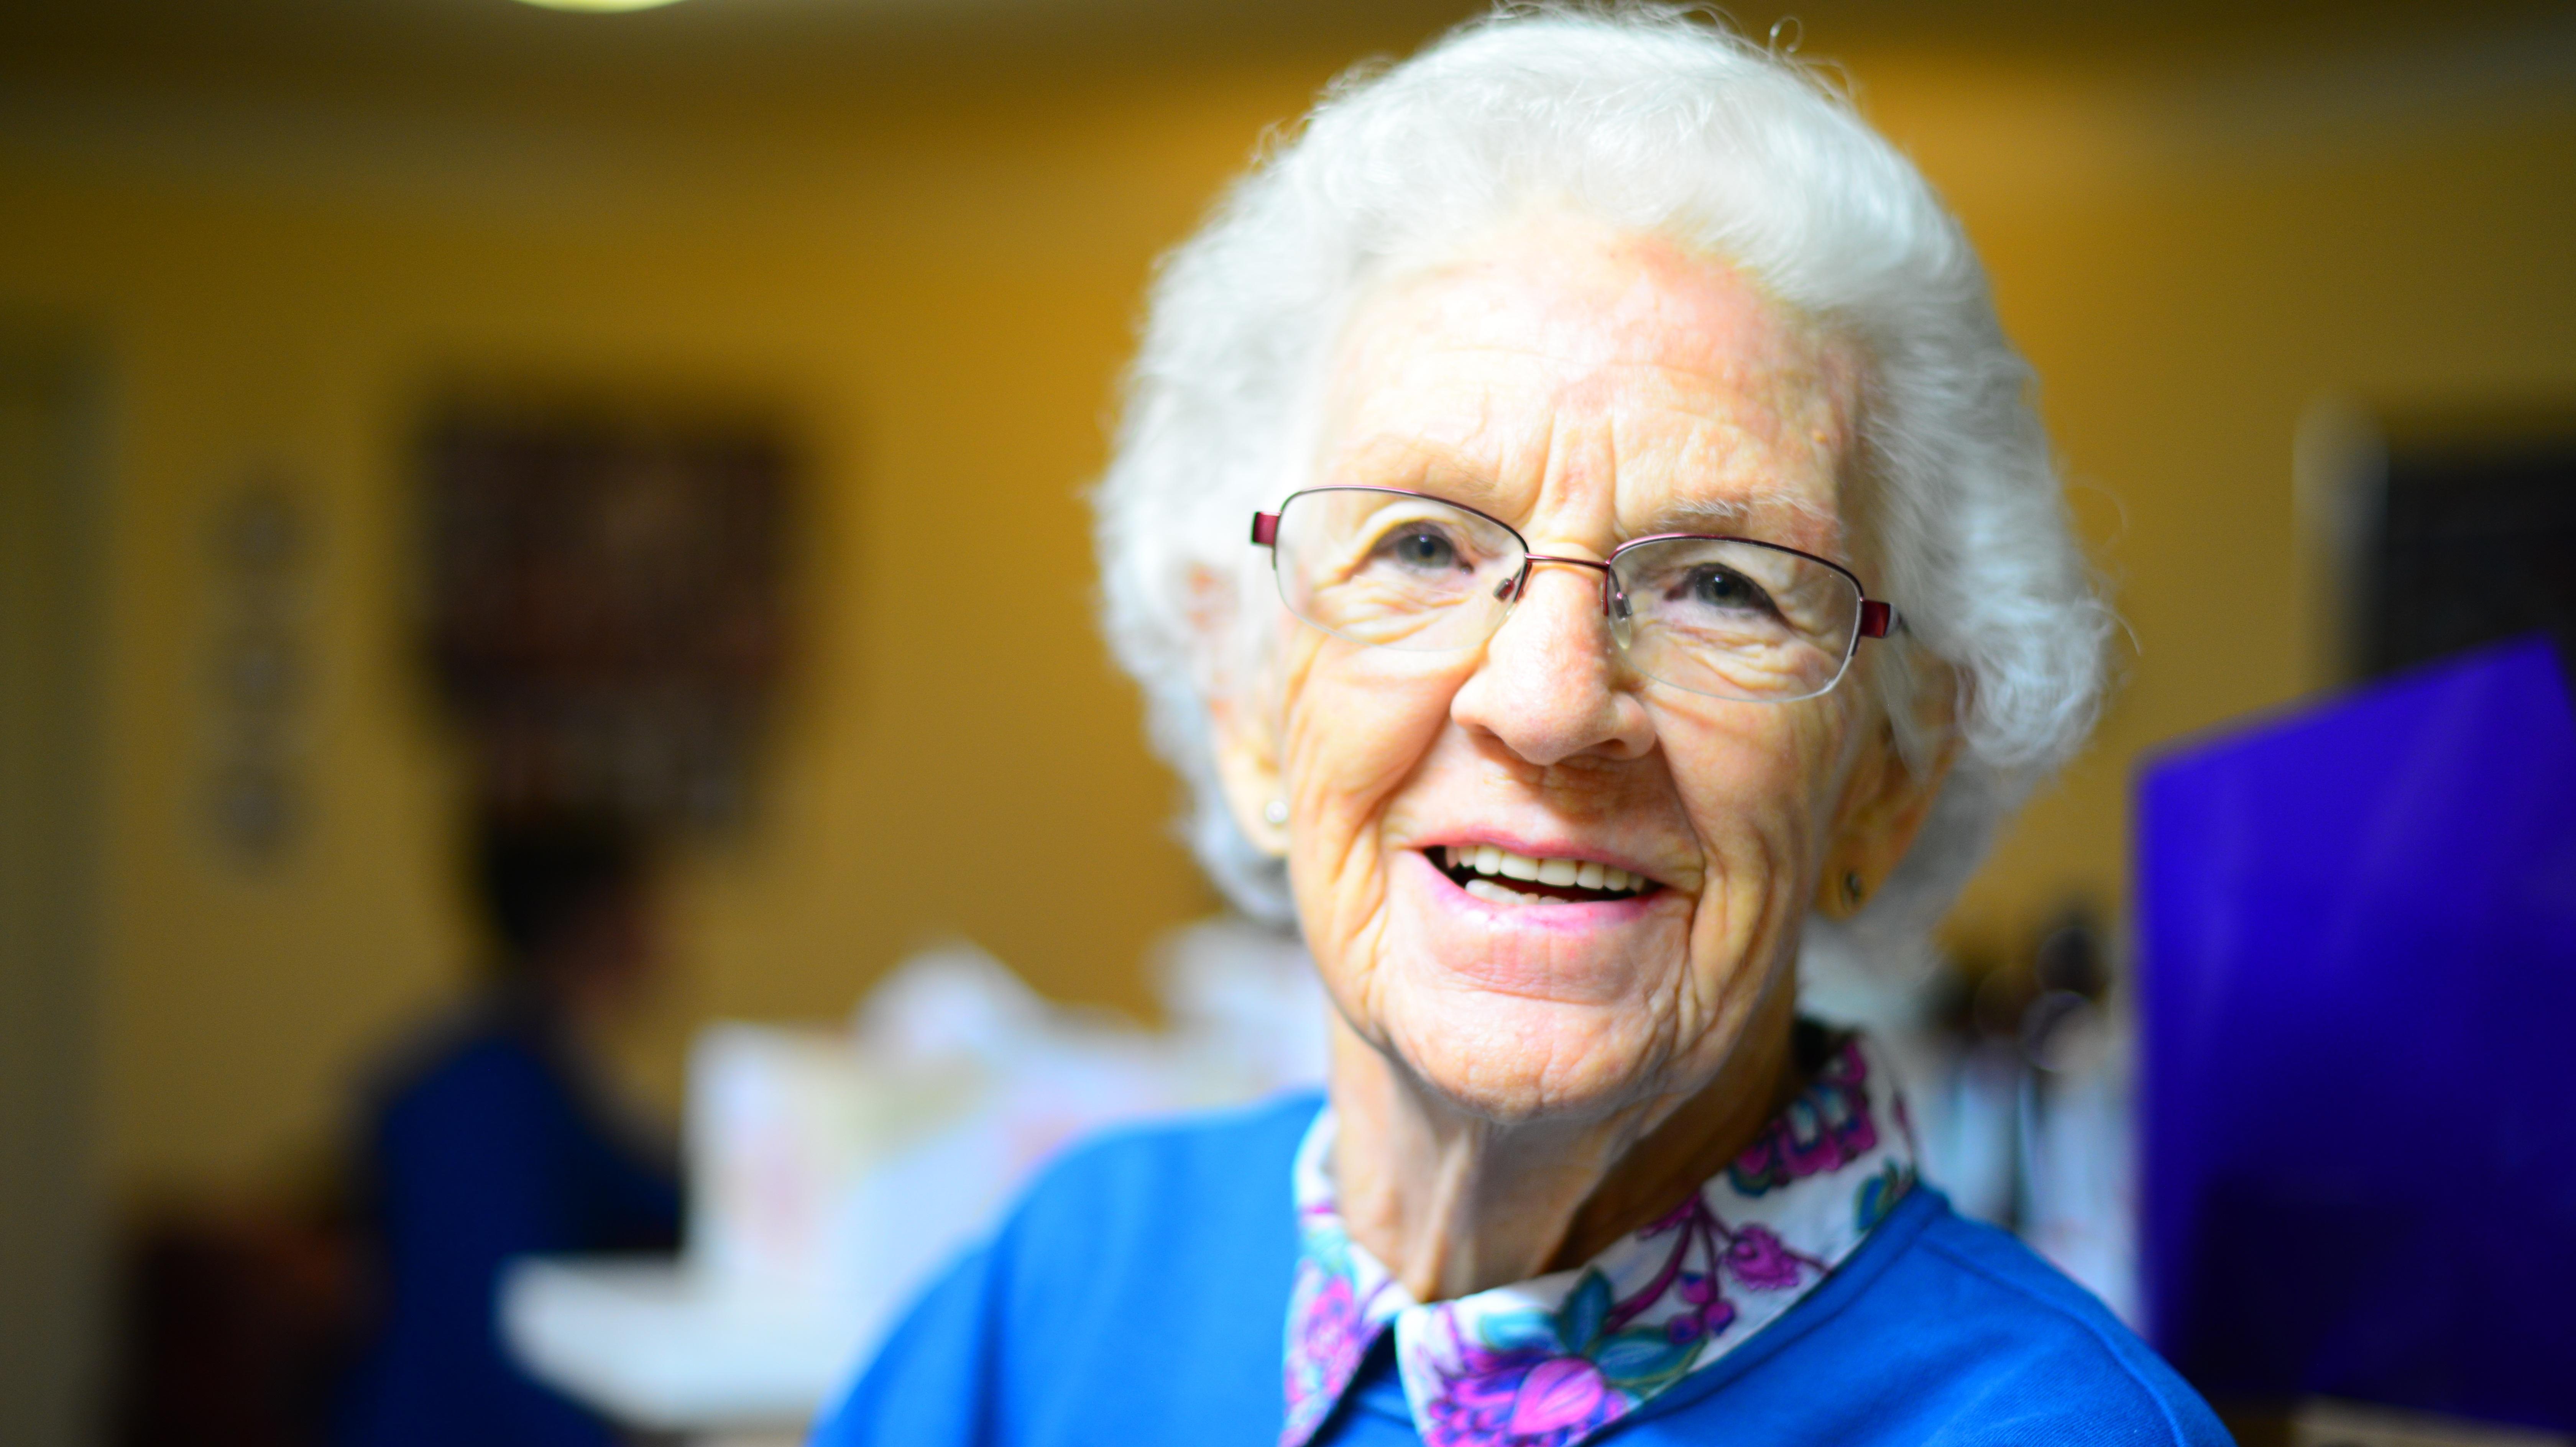 Remarkable Older Person